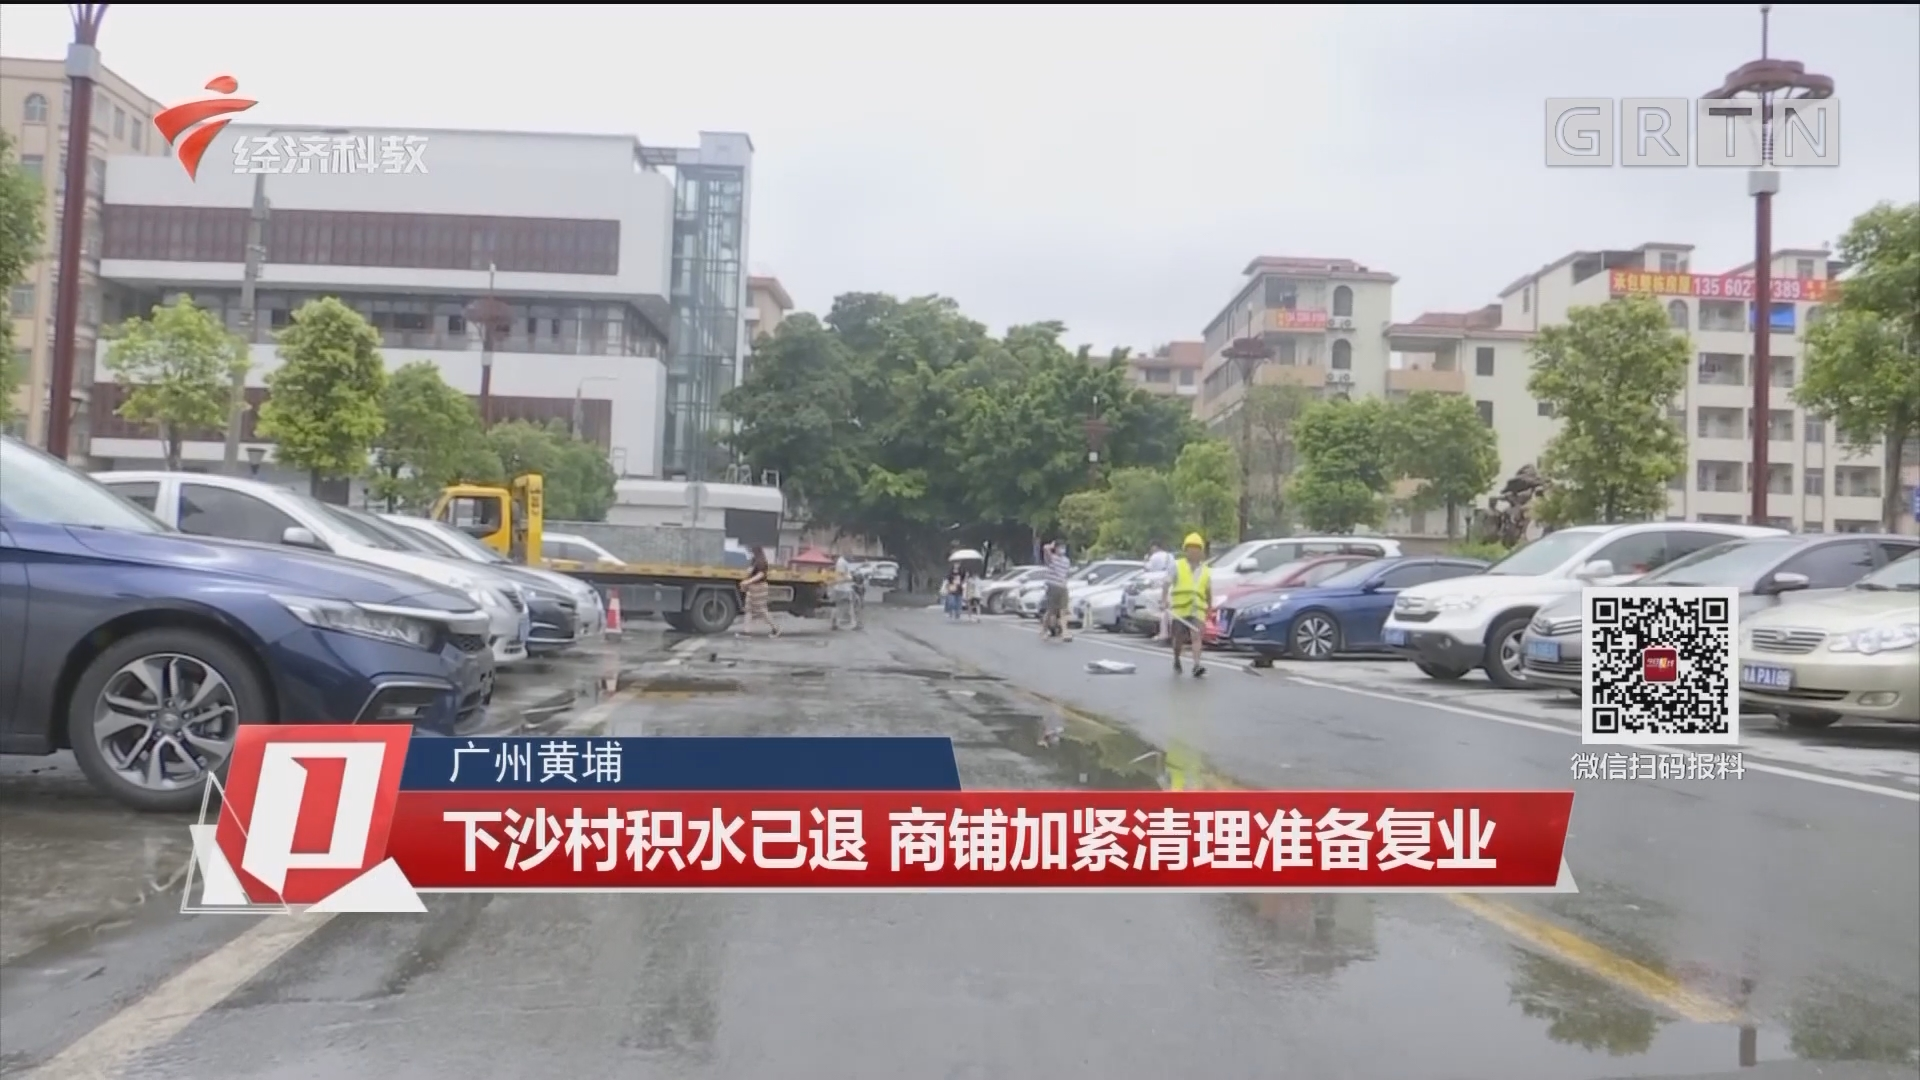 广州黄埔 下沙村积水已退 商铺加紧清理准备复业